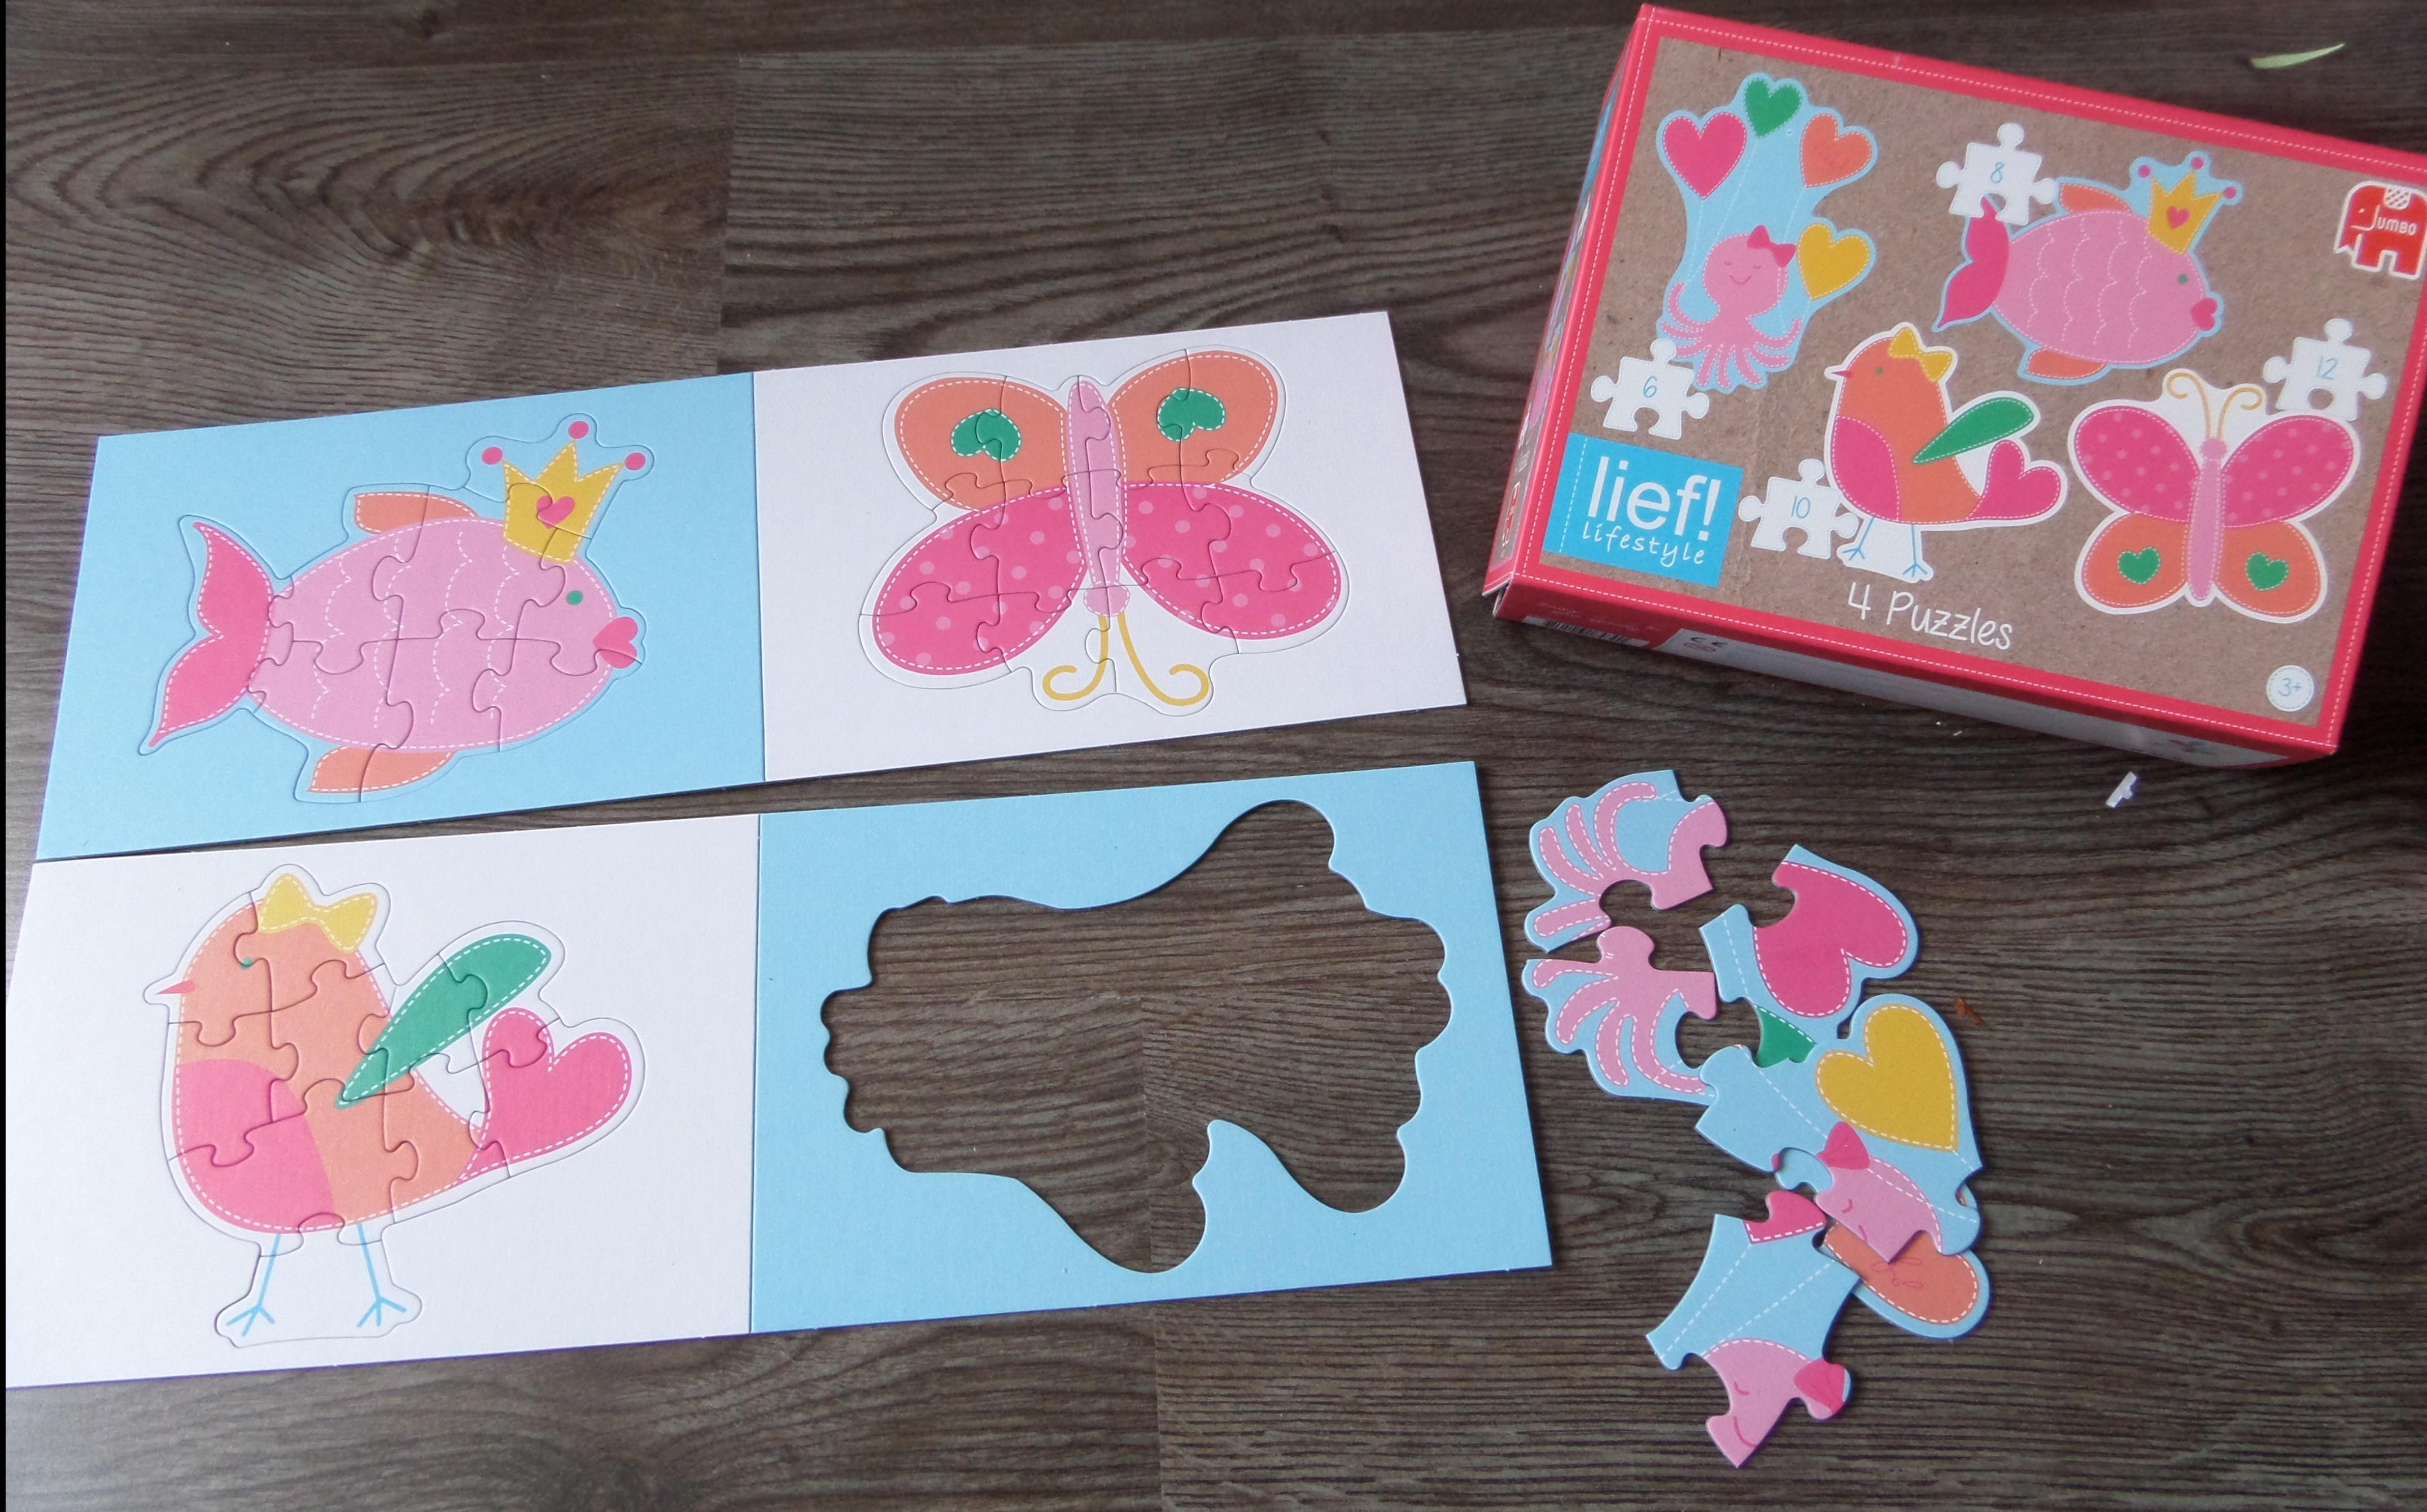 Verwonderend Lief! Lifestyle knuffel en puzzel – KiDDoWz: voor kinderen en hun FE-81